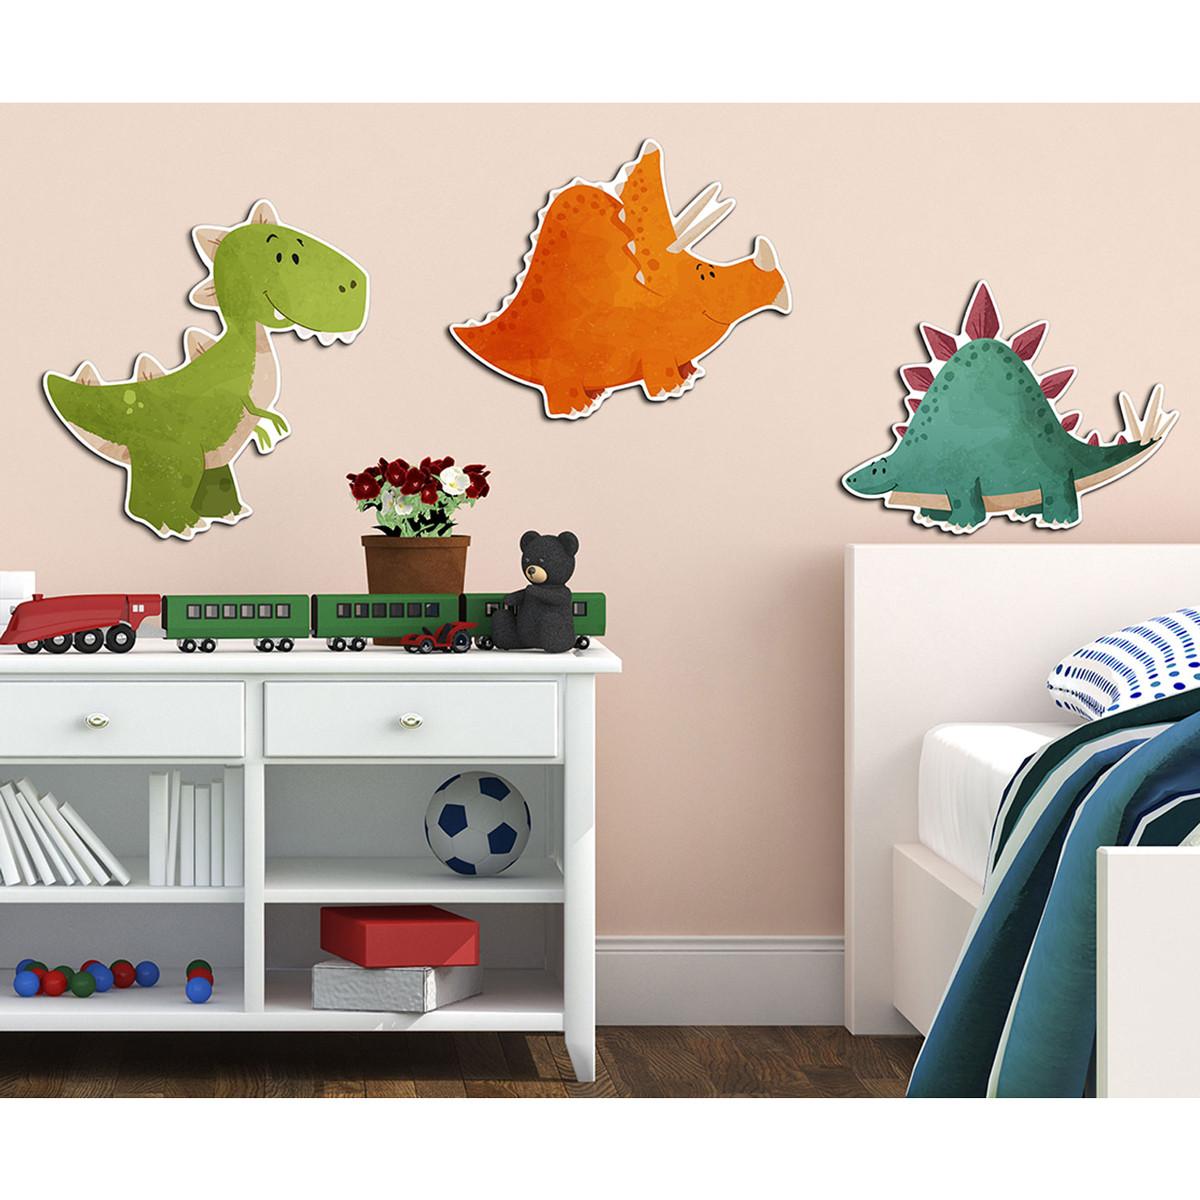 Παιδικά Αφρώδη Αυτοκόλλητα Τοίχου Ango Dinosaurs 11206 home   παιδικά   παιδική διακόσμηση